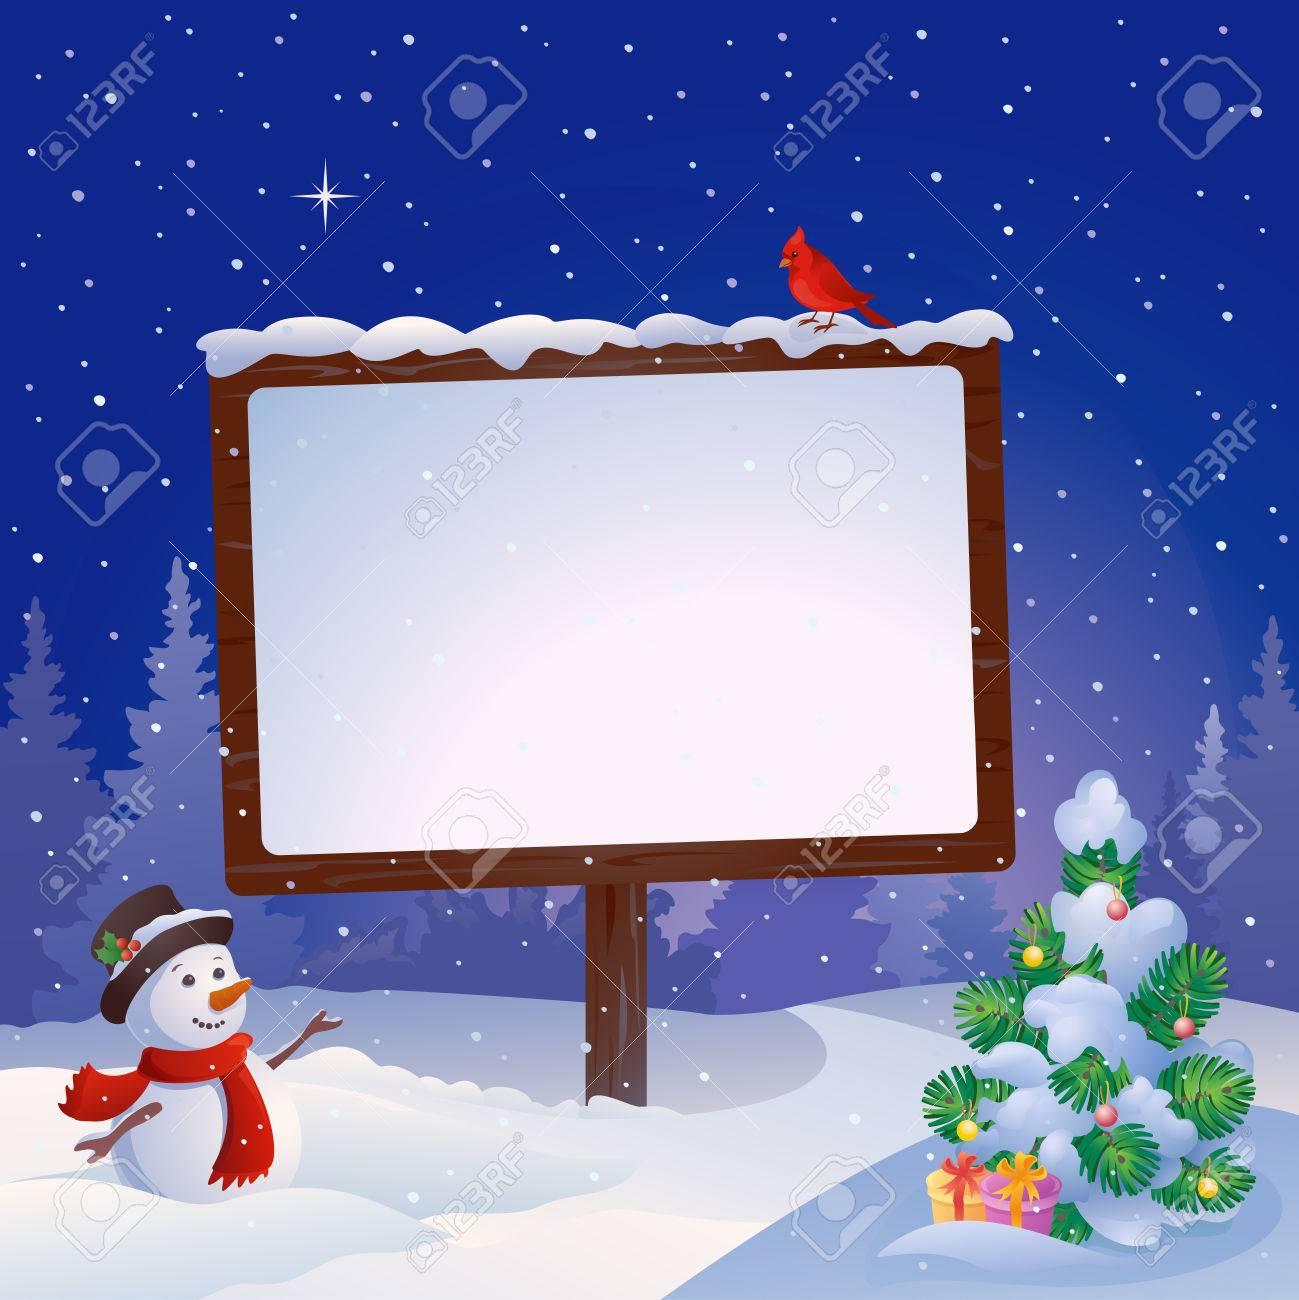 クリスマスの看板と積雪のモミの木で雪だるまのベクトル イラストの